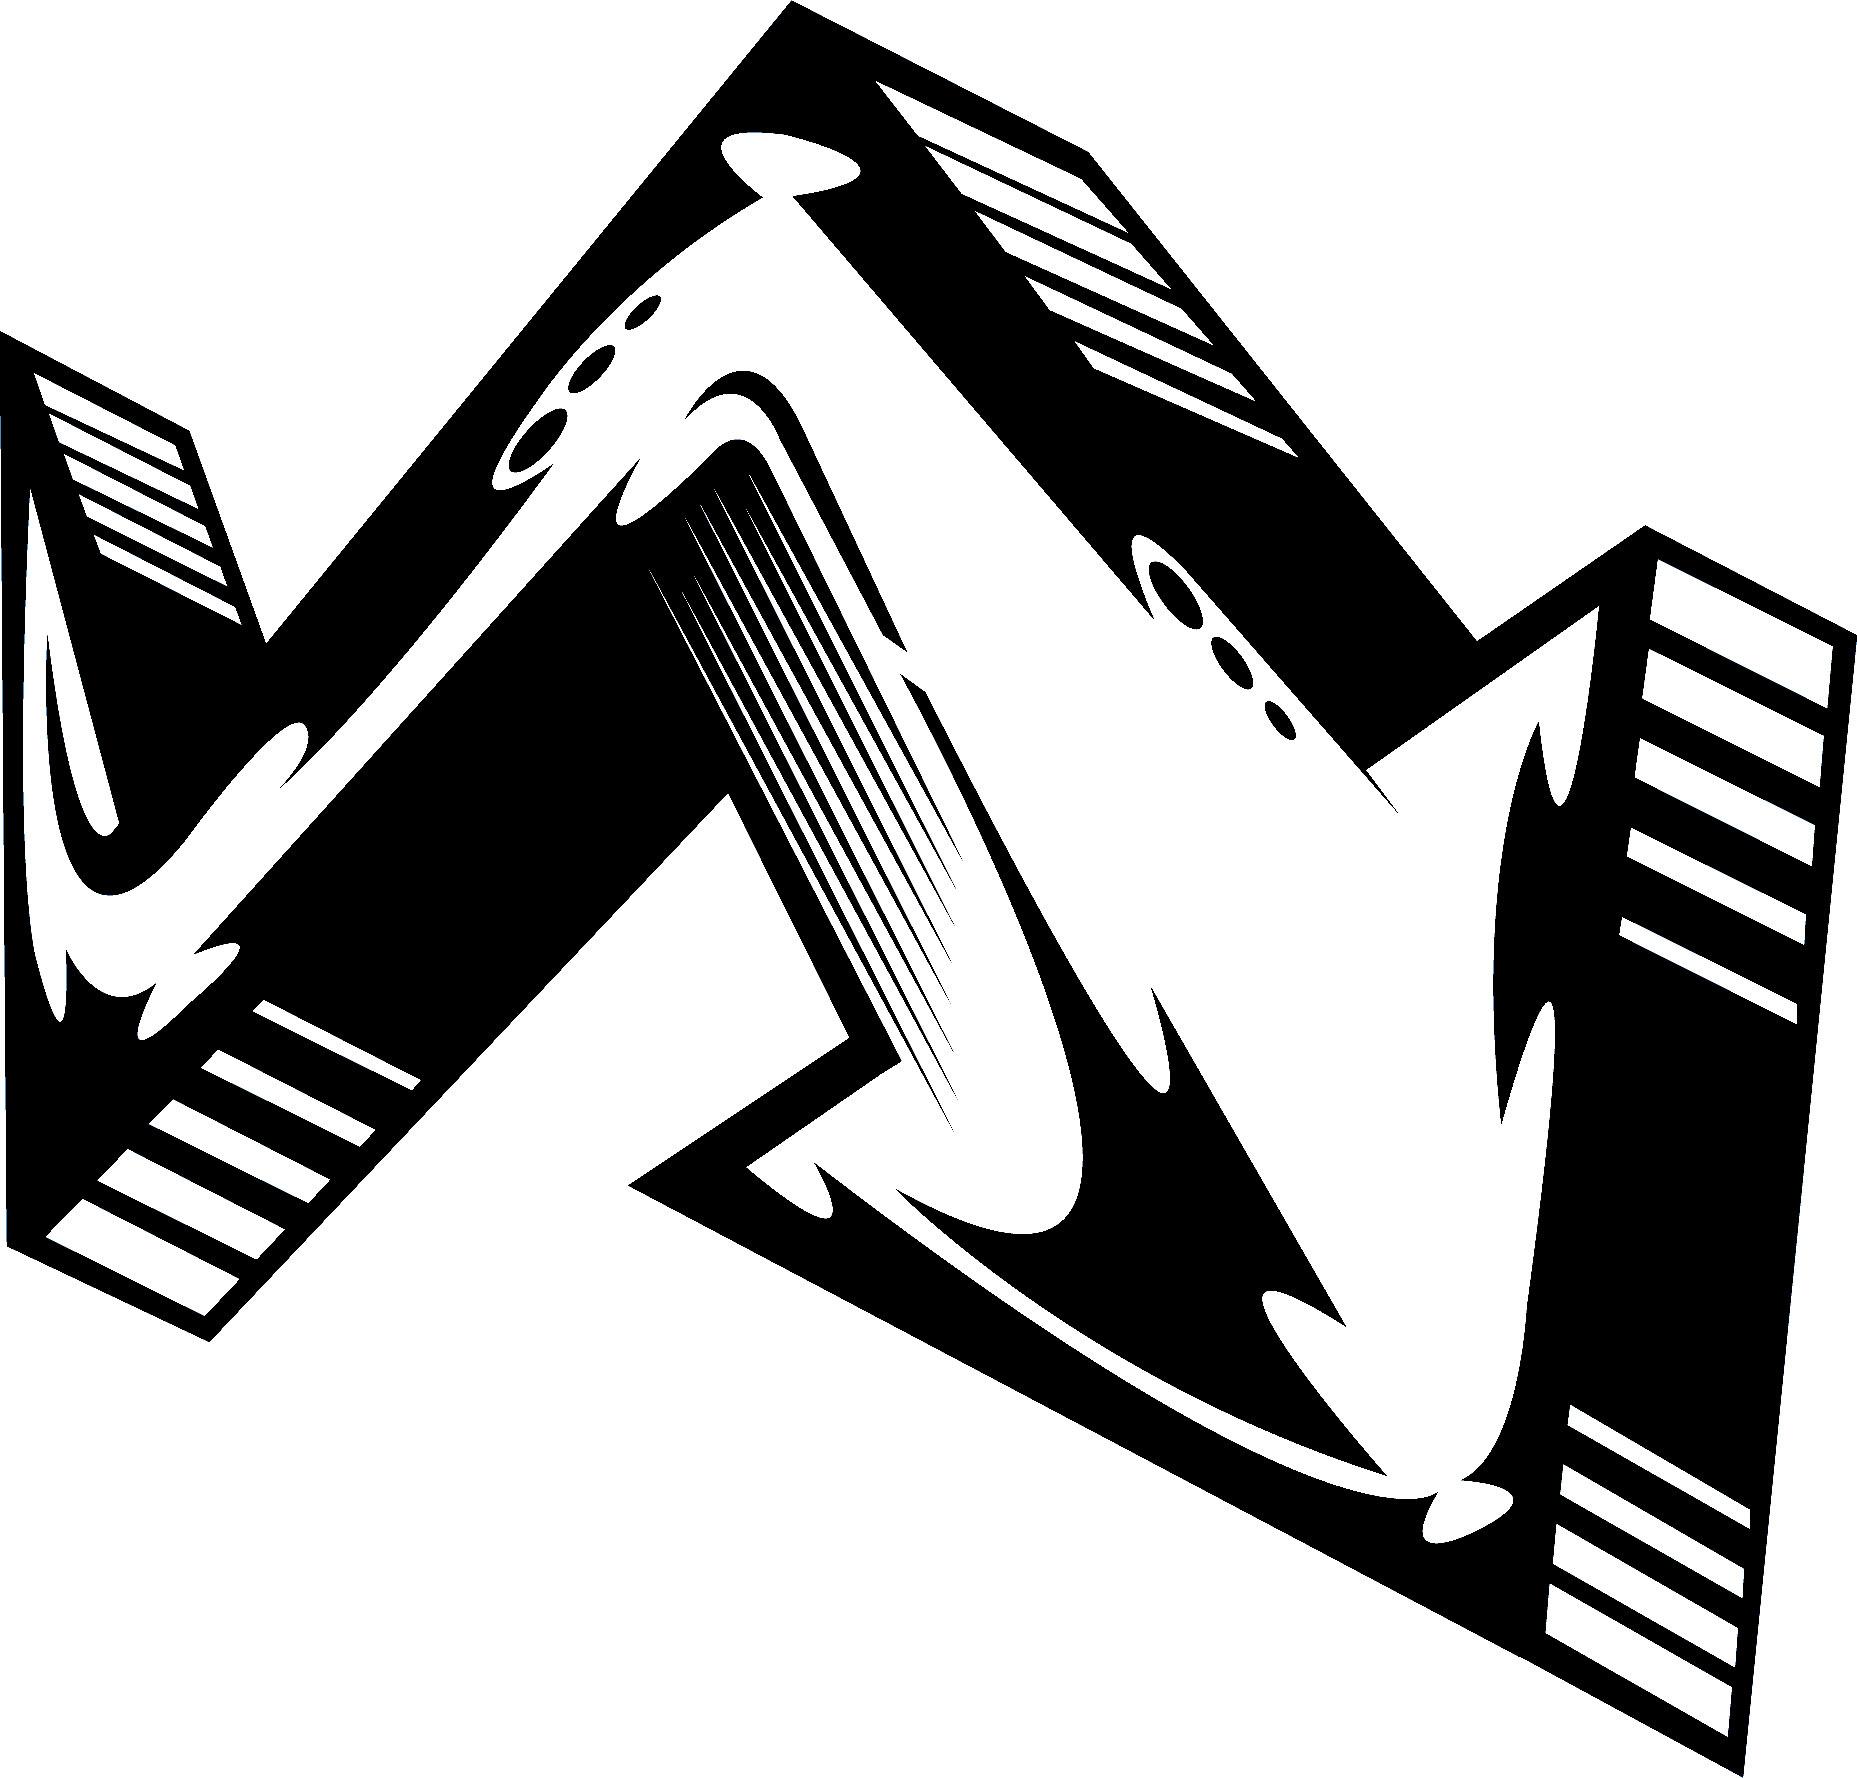 矢印イラストクールな矢印 無料のフリー素材